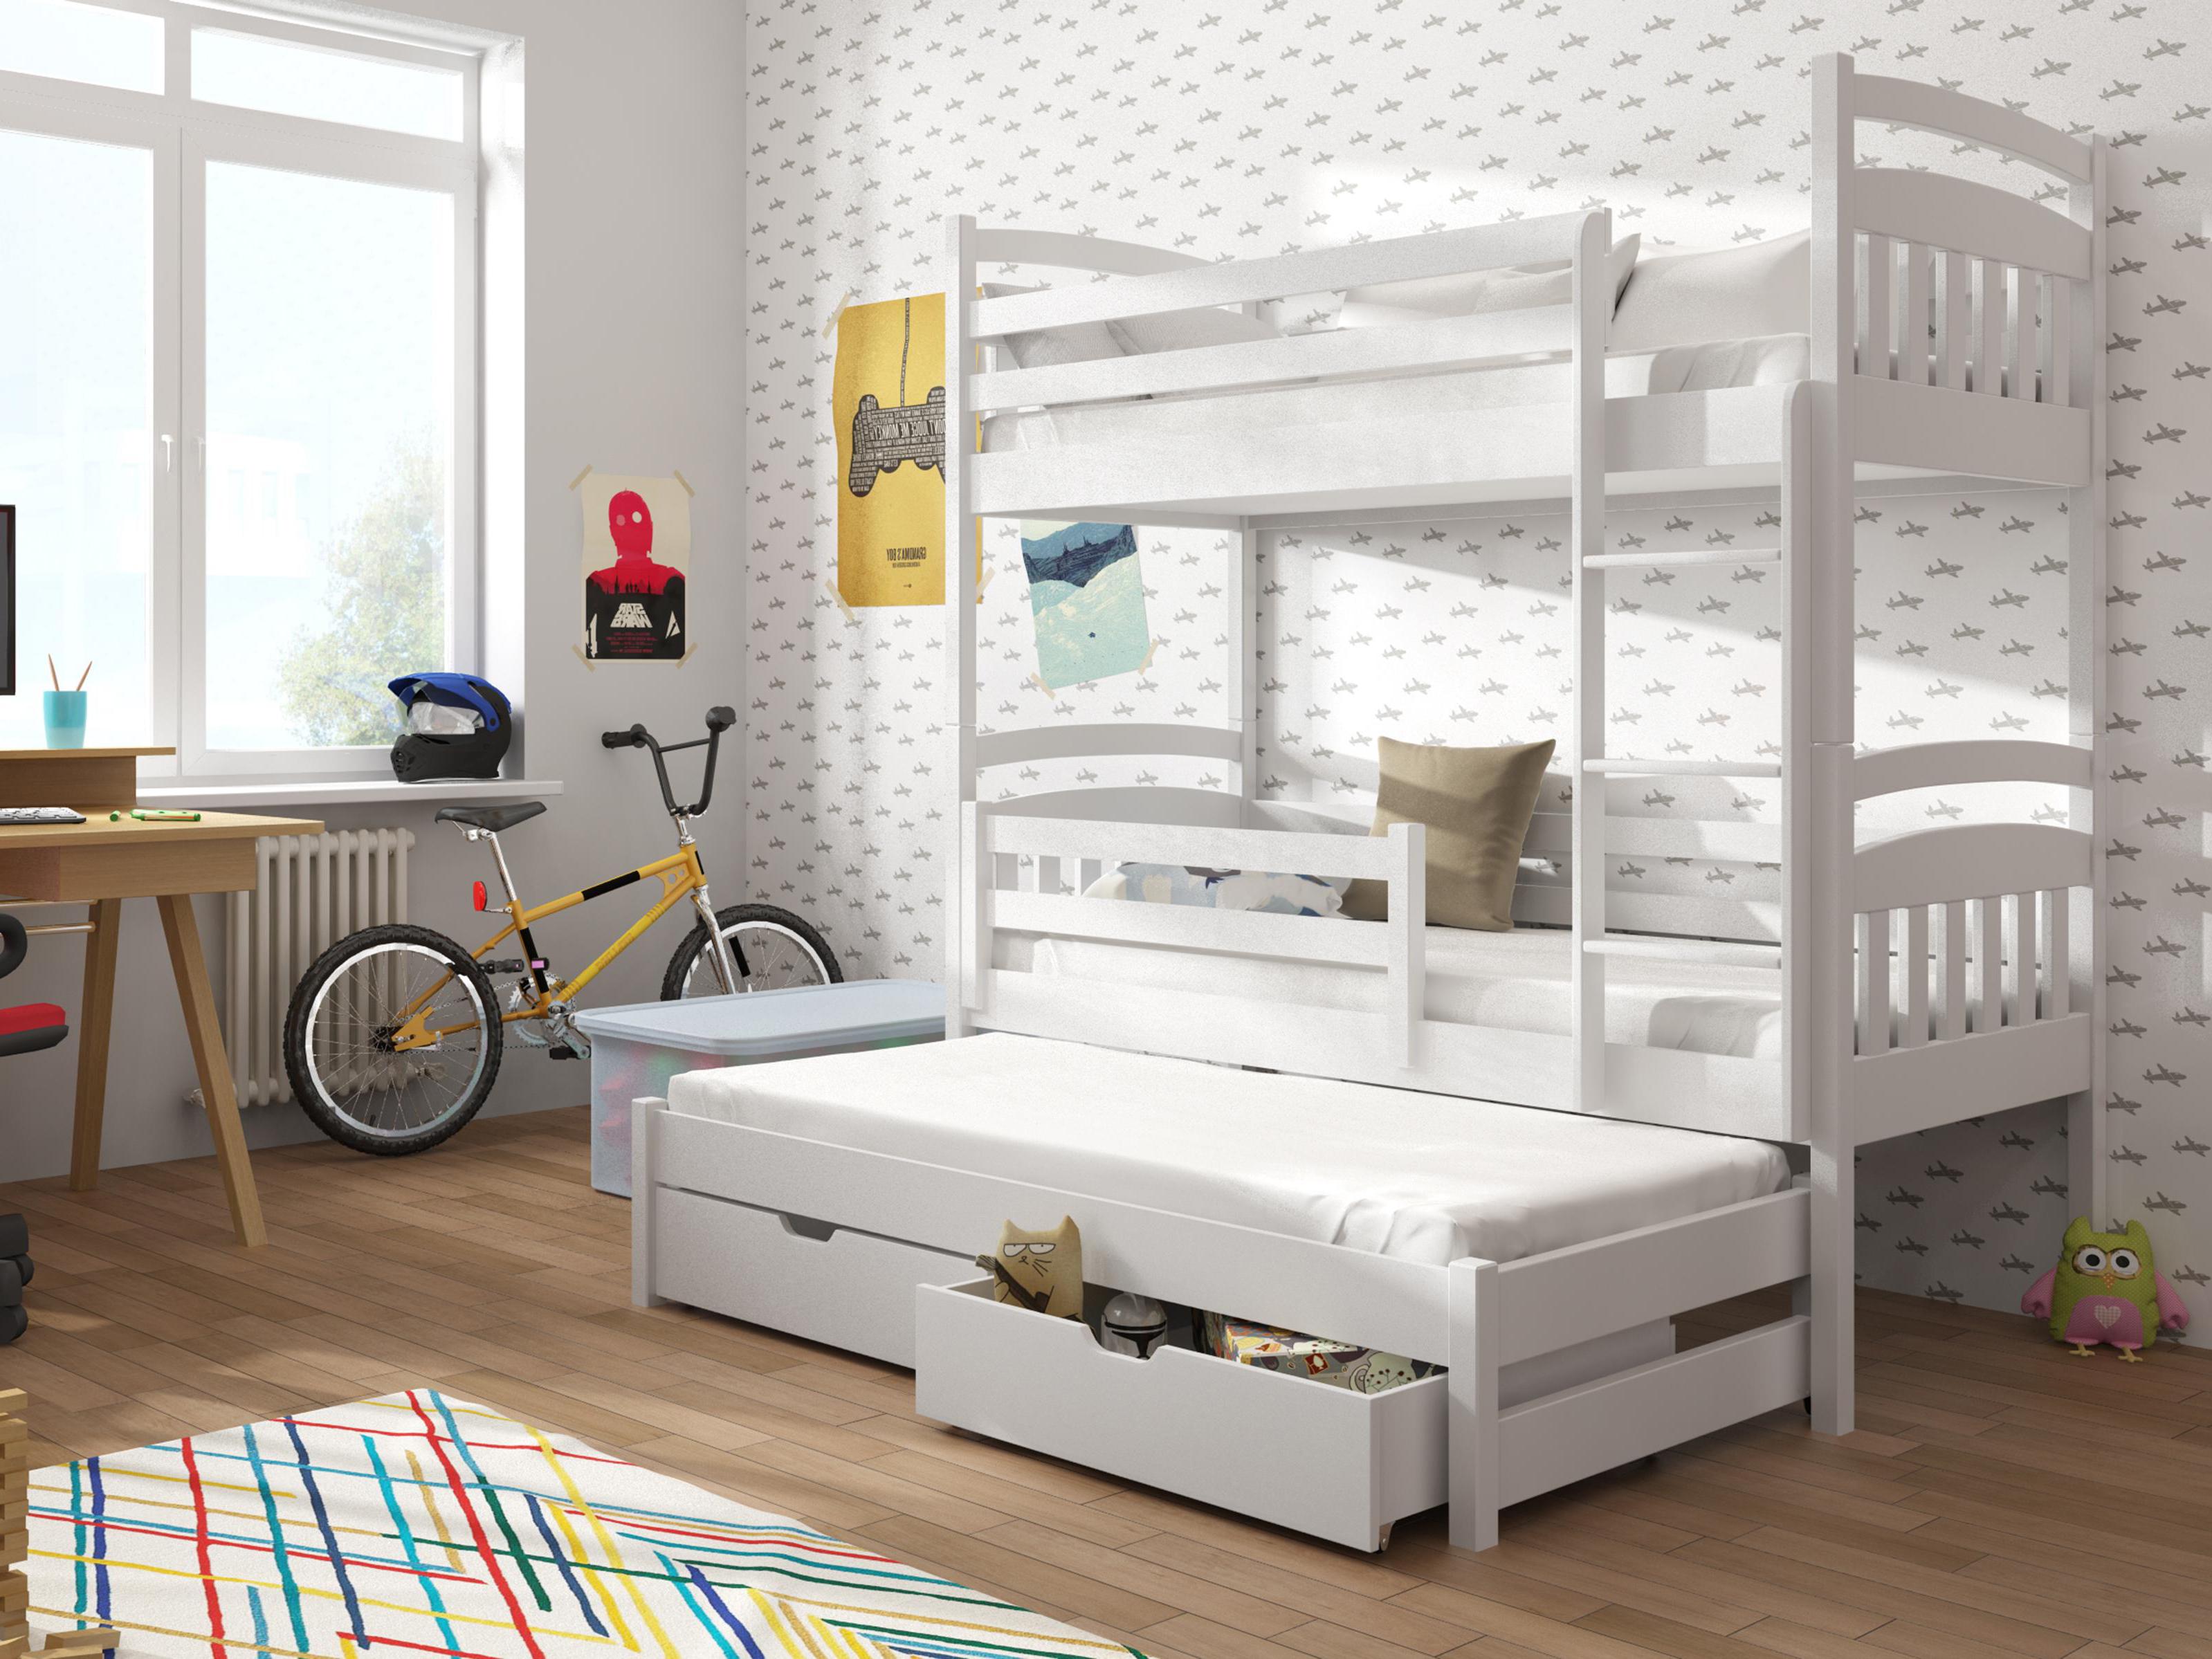 fe0ebe41c5ddd Detská poschodová posteľ 90 cm Anie (biela) | NovýNábytok.sk